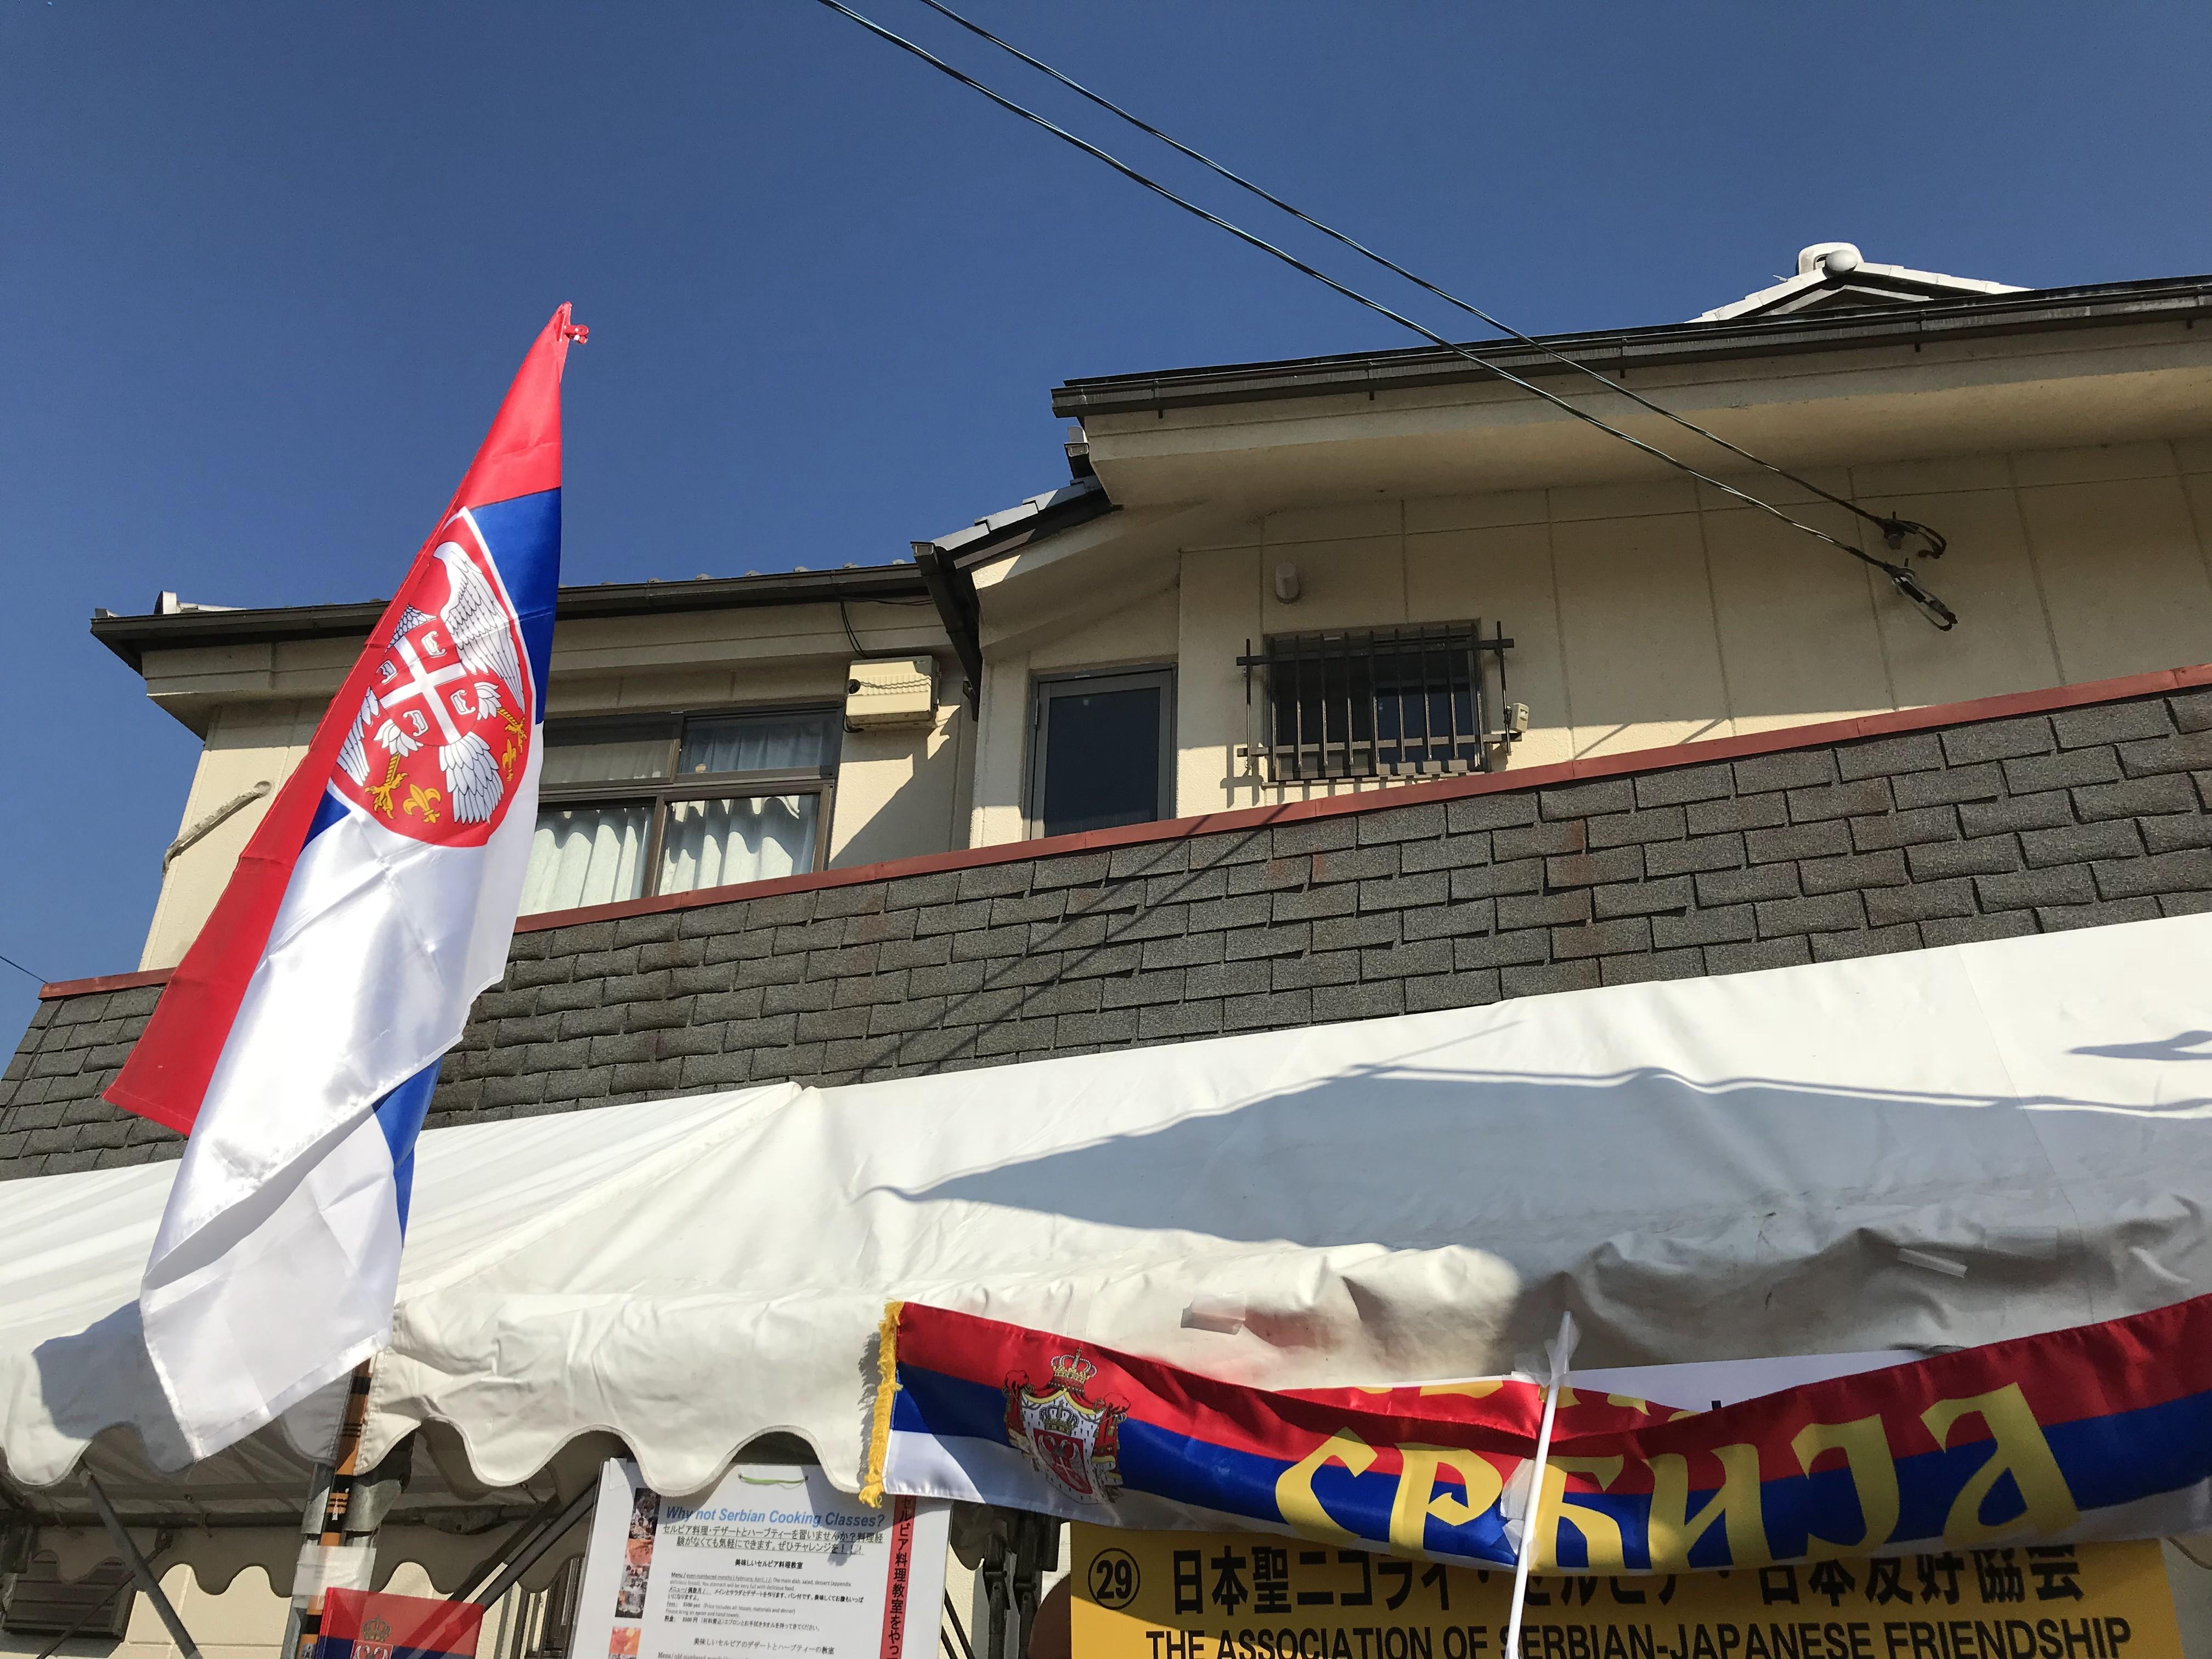 セルビア料理の屋台